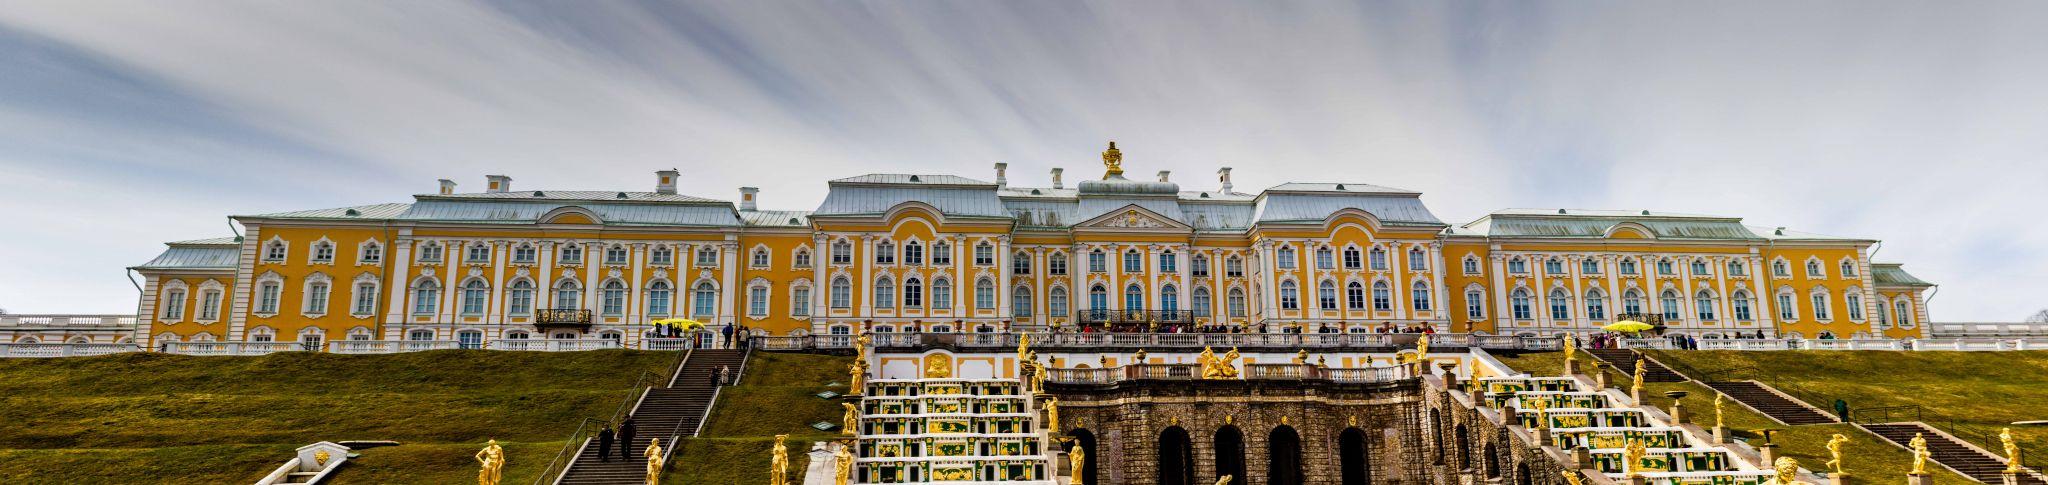 Peterhof's Gardens, Russian Federation